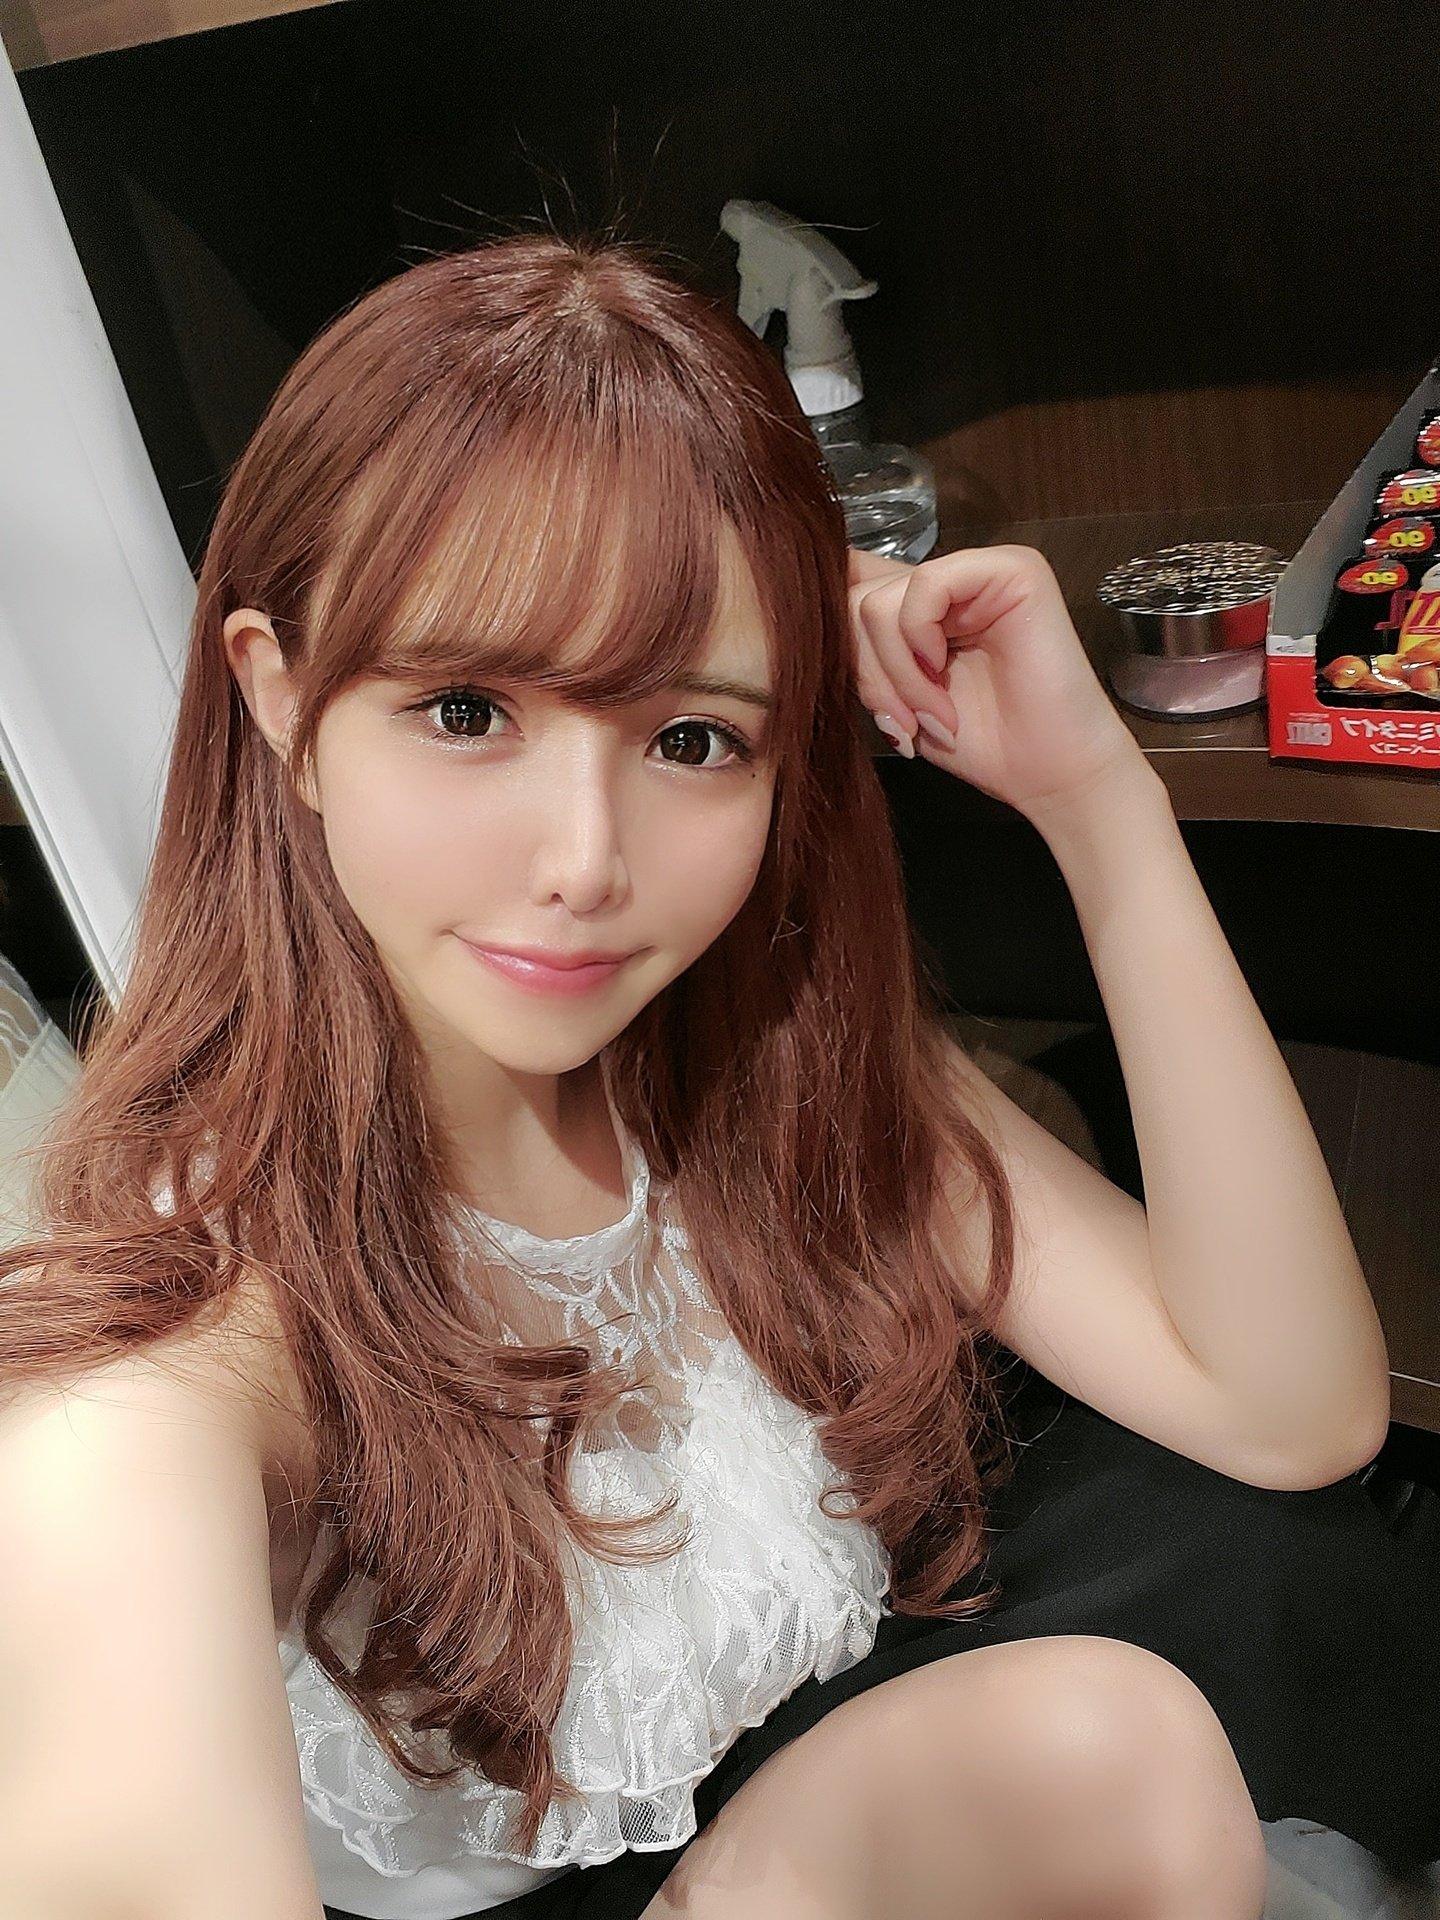 【野々宮月乃】超絶品ボディを晒した美人Youtuber・野々宮月乃!